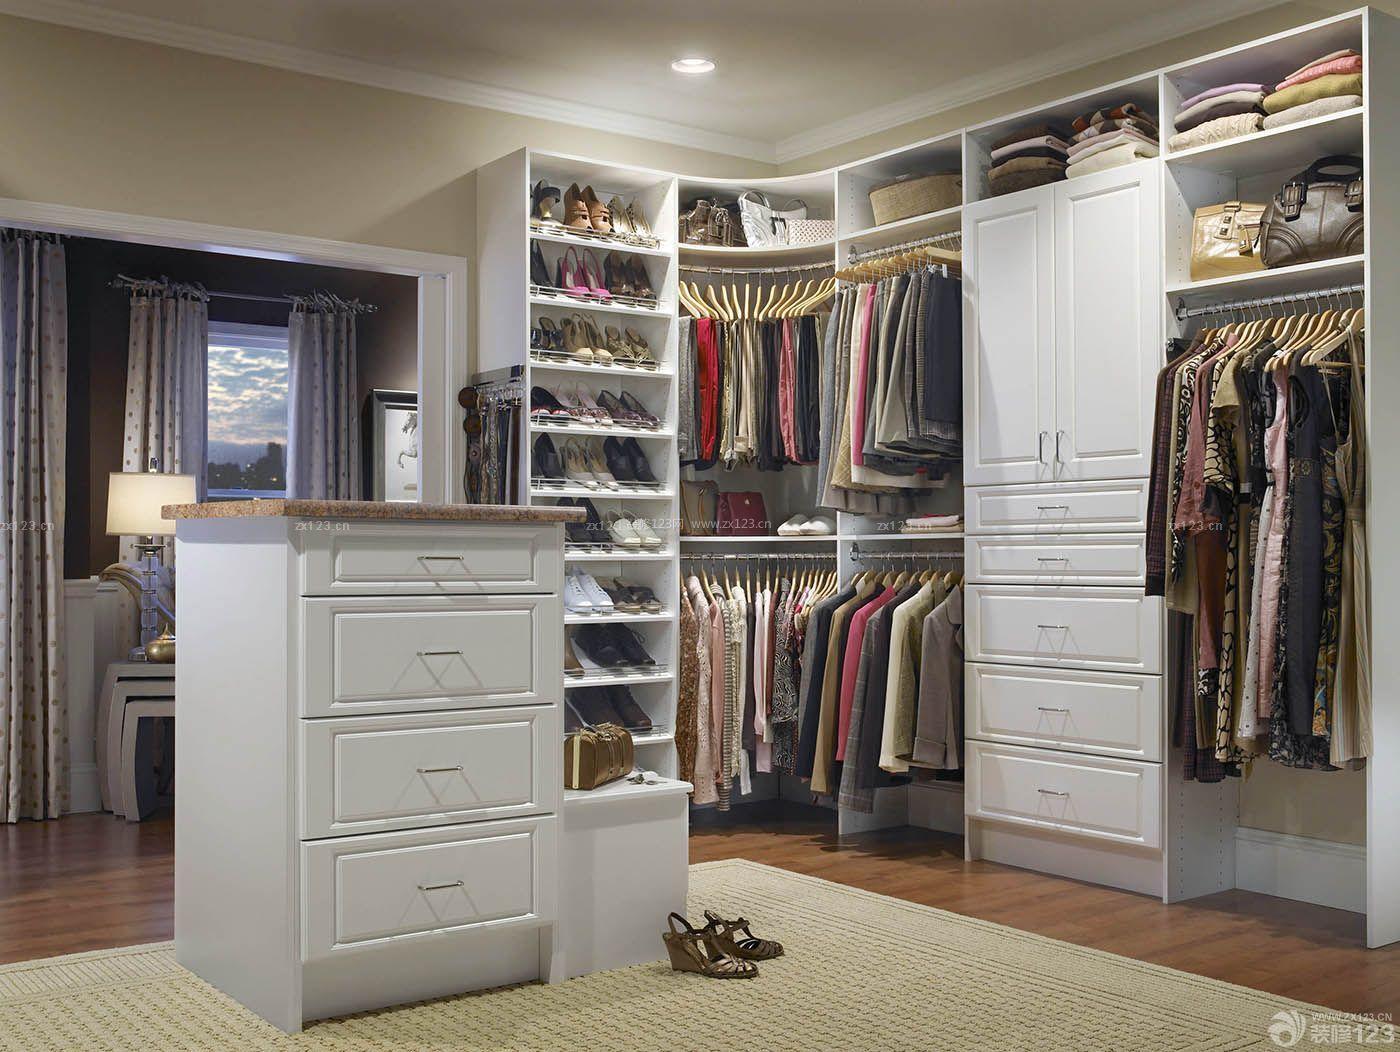 实用简欧衣帽间整体衣柜设计图片